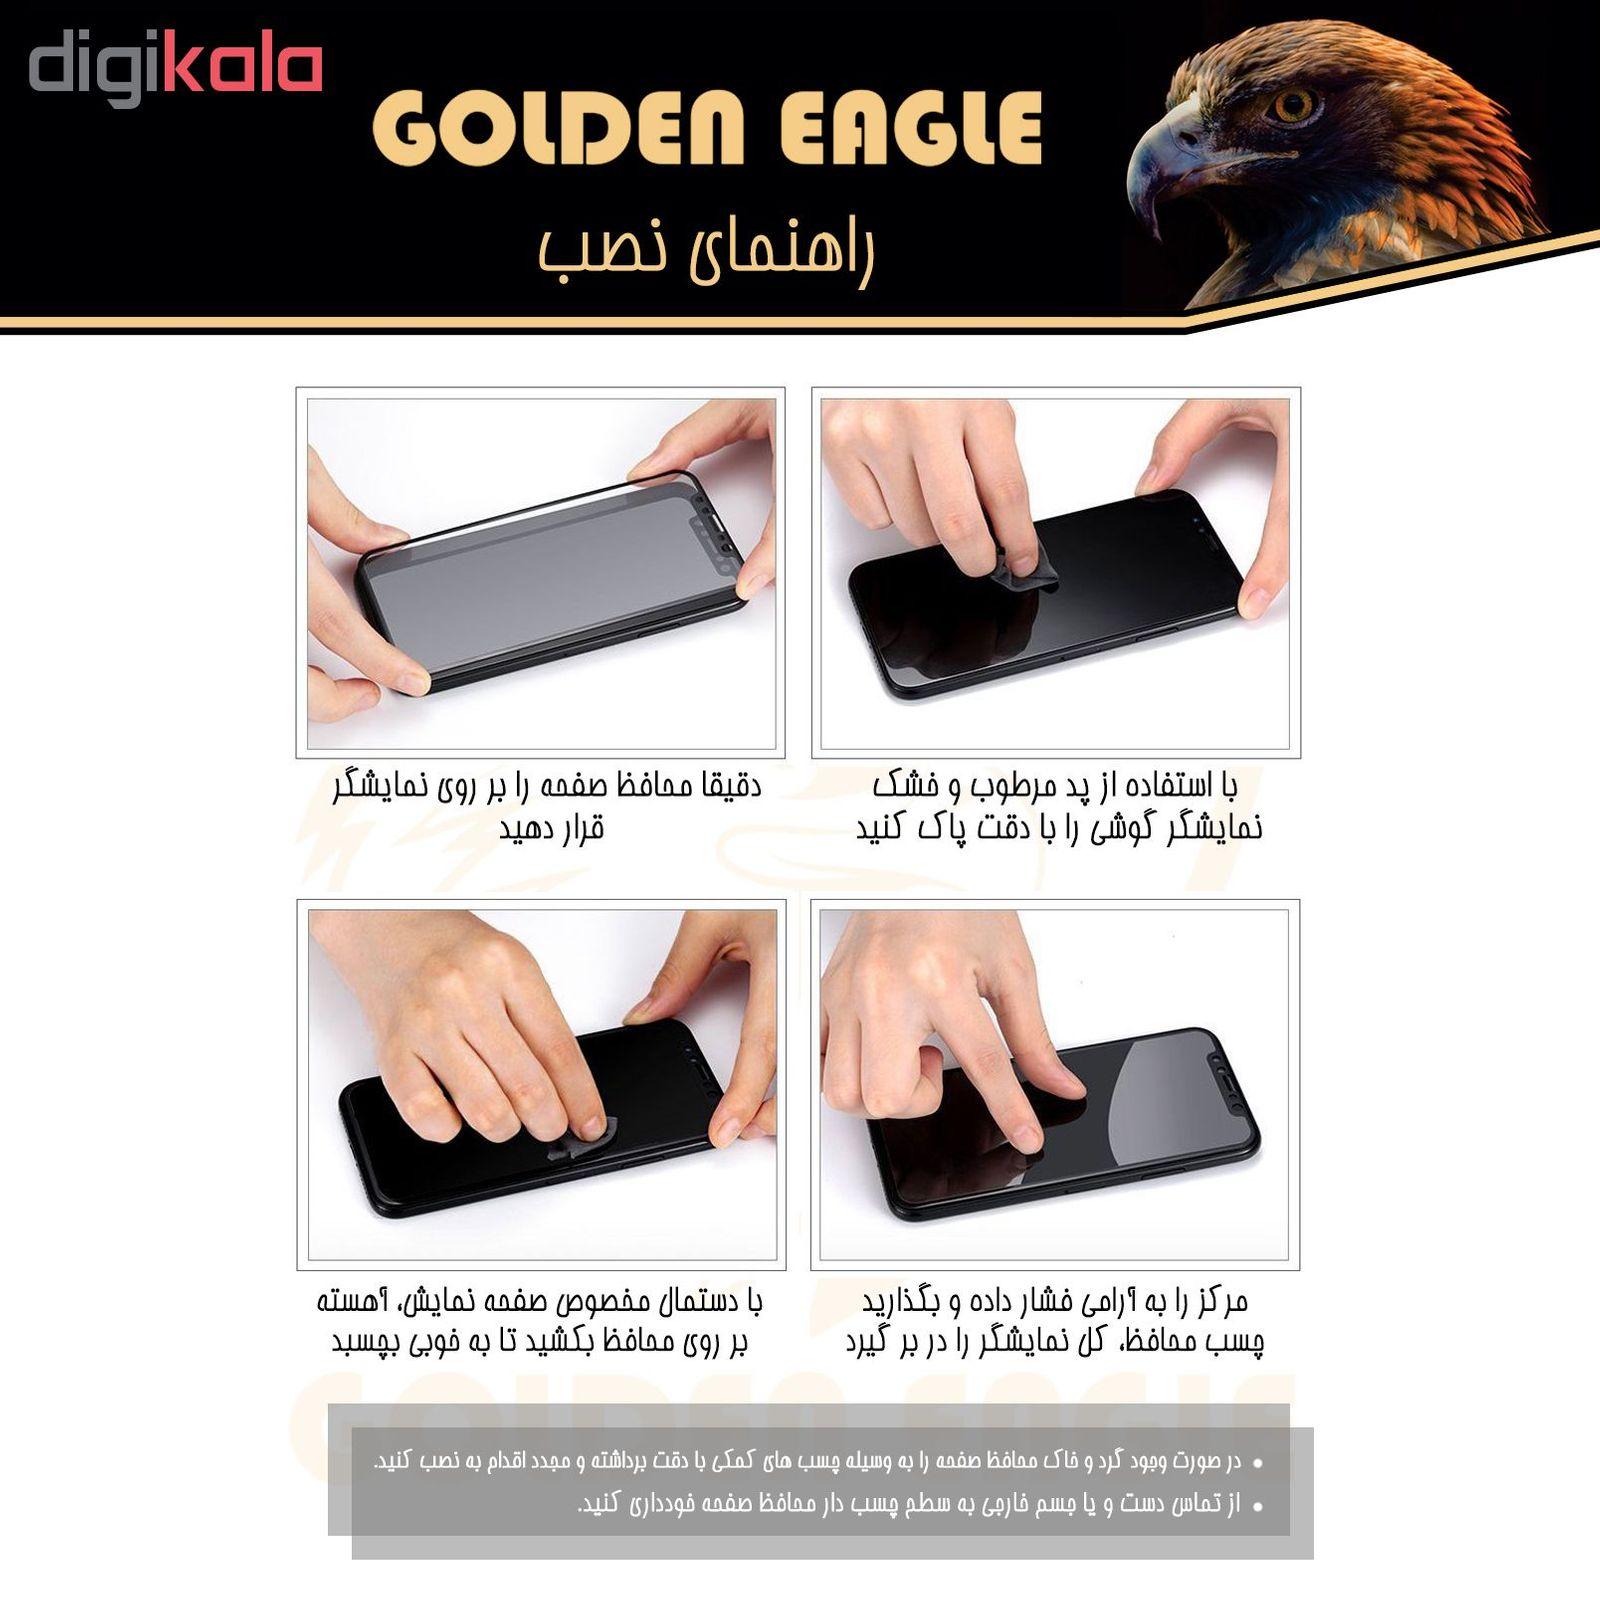 محافظ صفحه نمایش گلدن ایگل مدل DFC-X3 مناسب برای گوشی موبایل سامسونگ Galaxy A5 2017 بسته سه عددی main 1 5